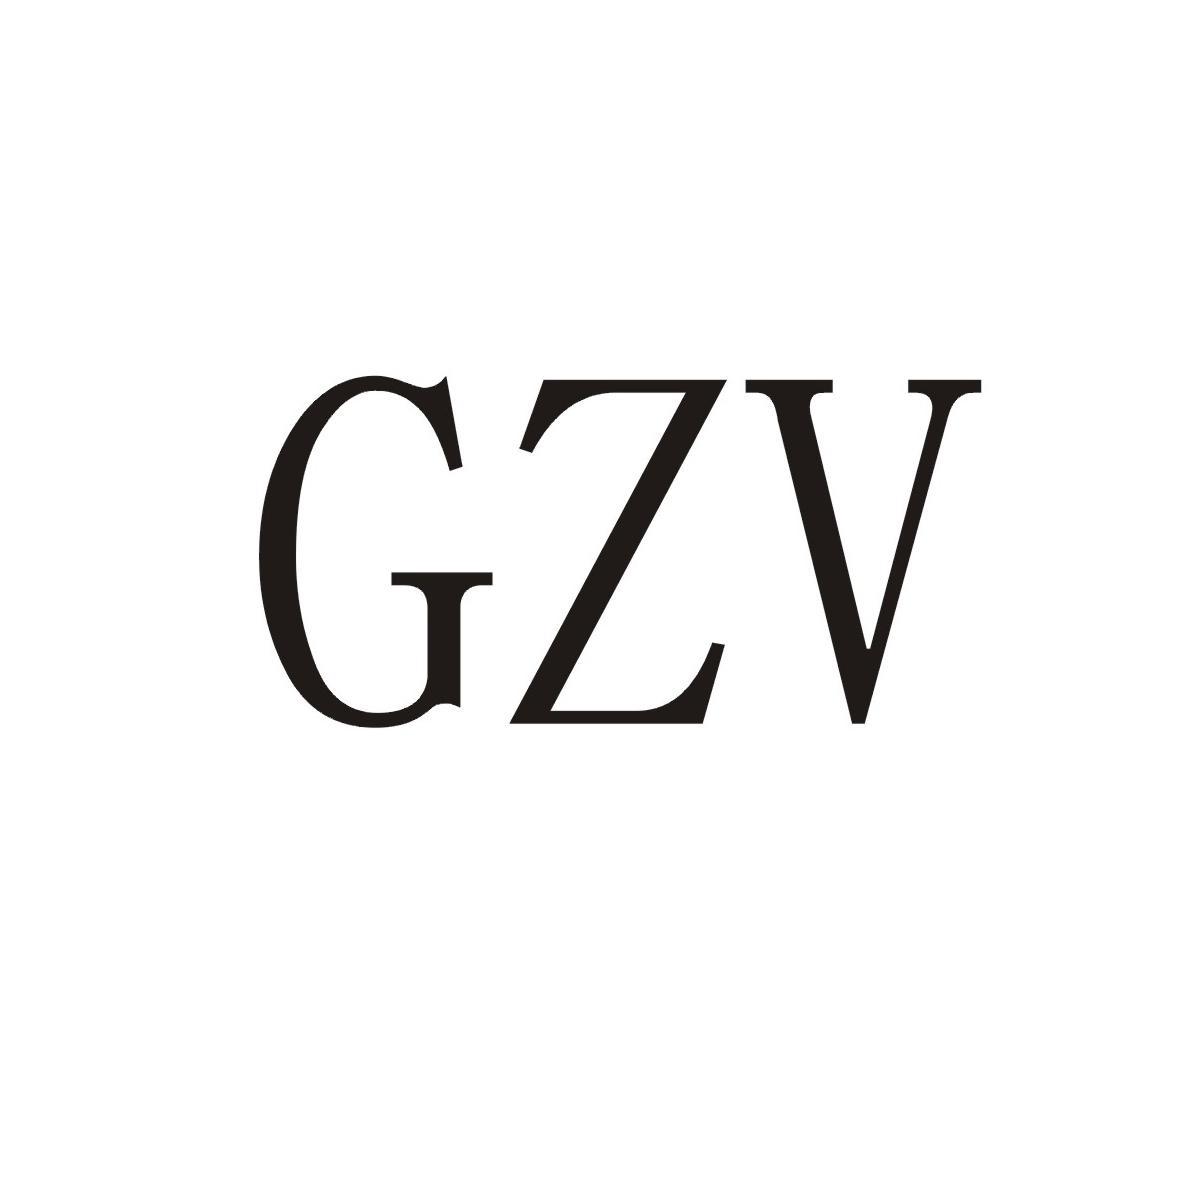 转让商标-GZV